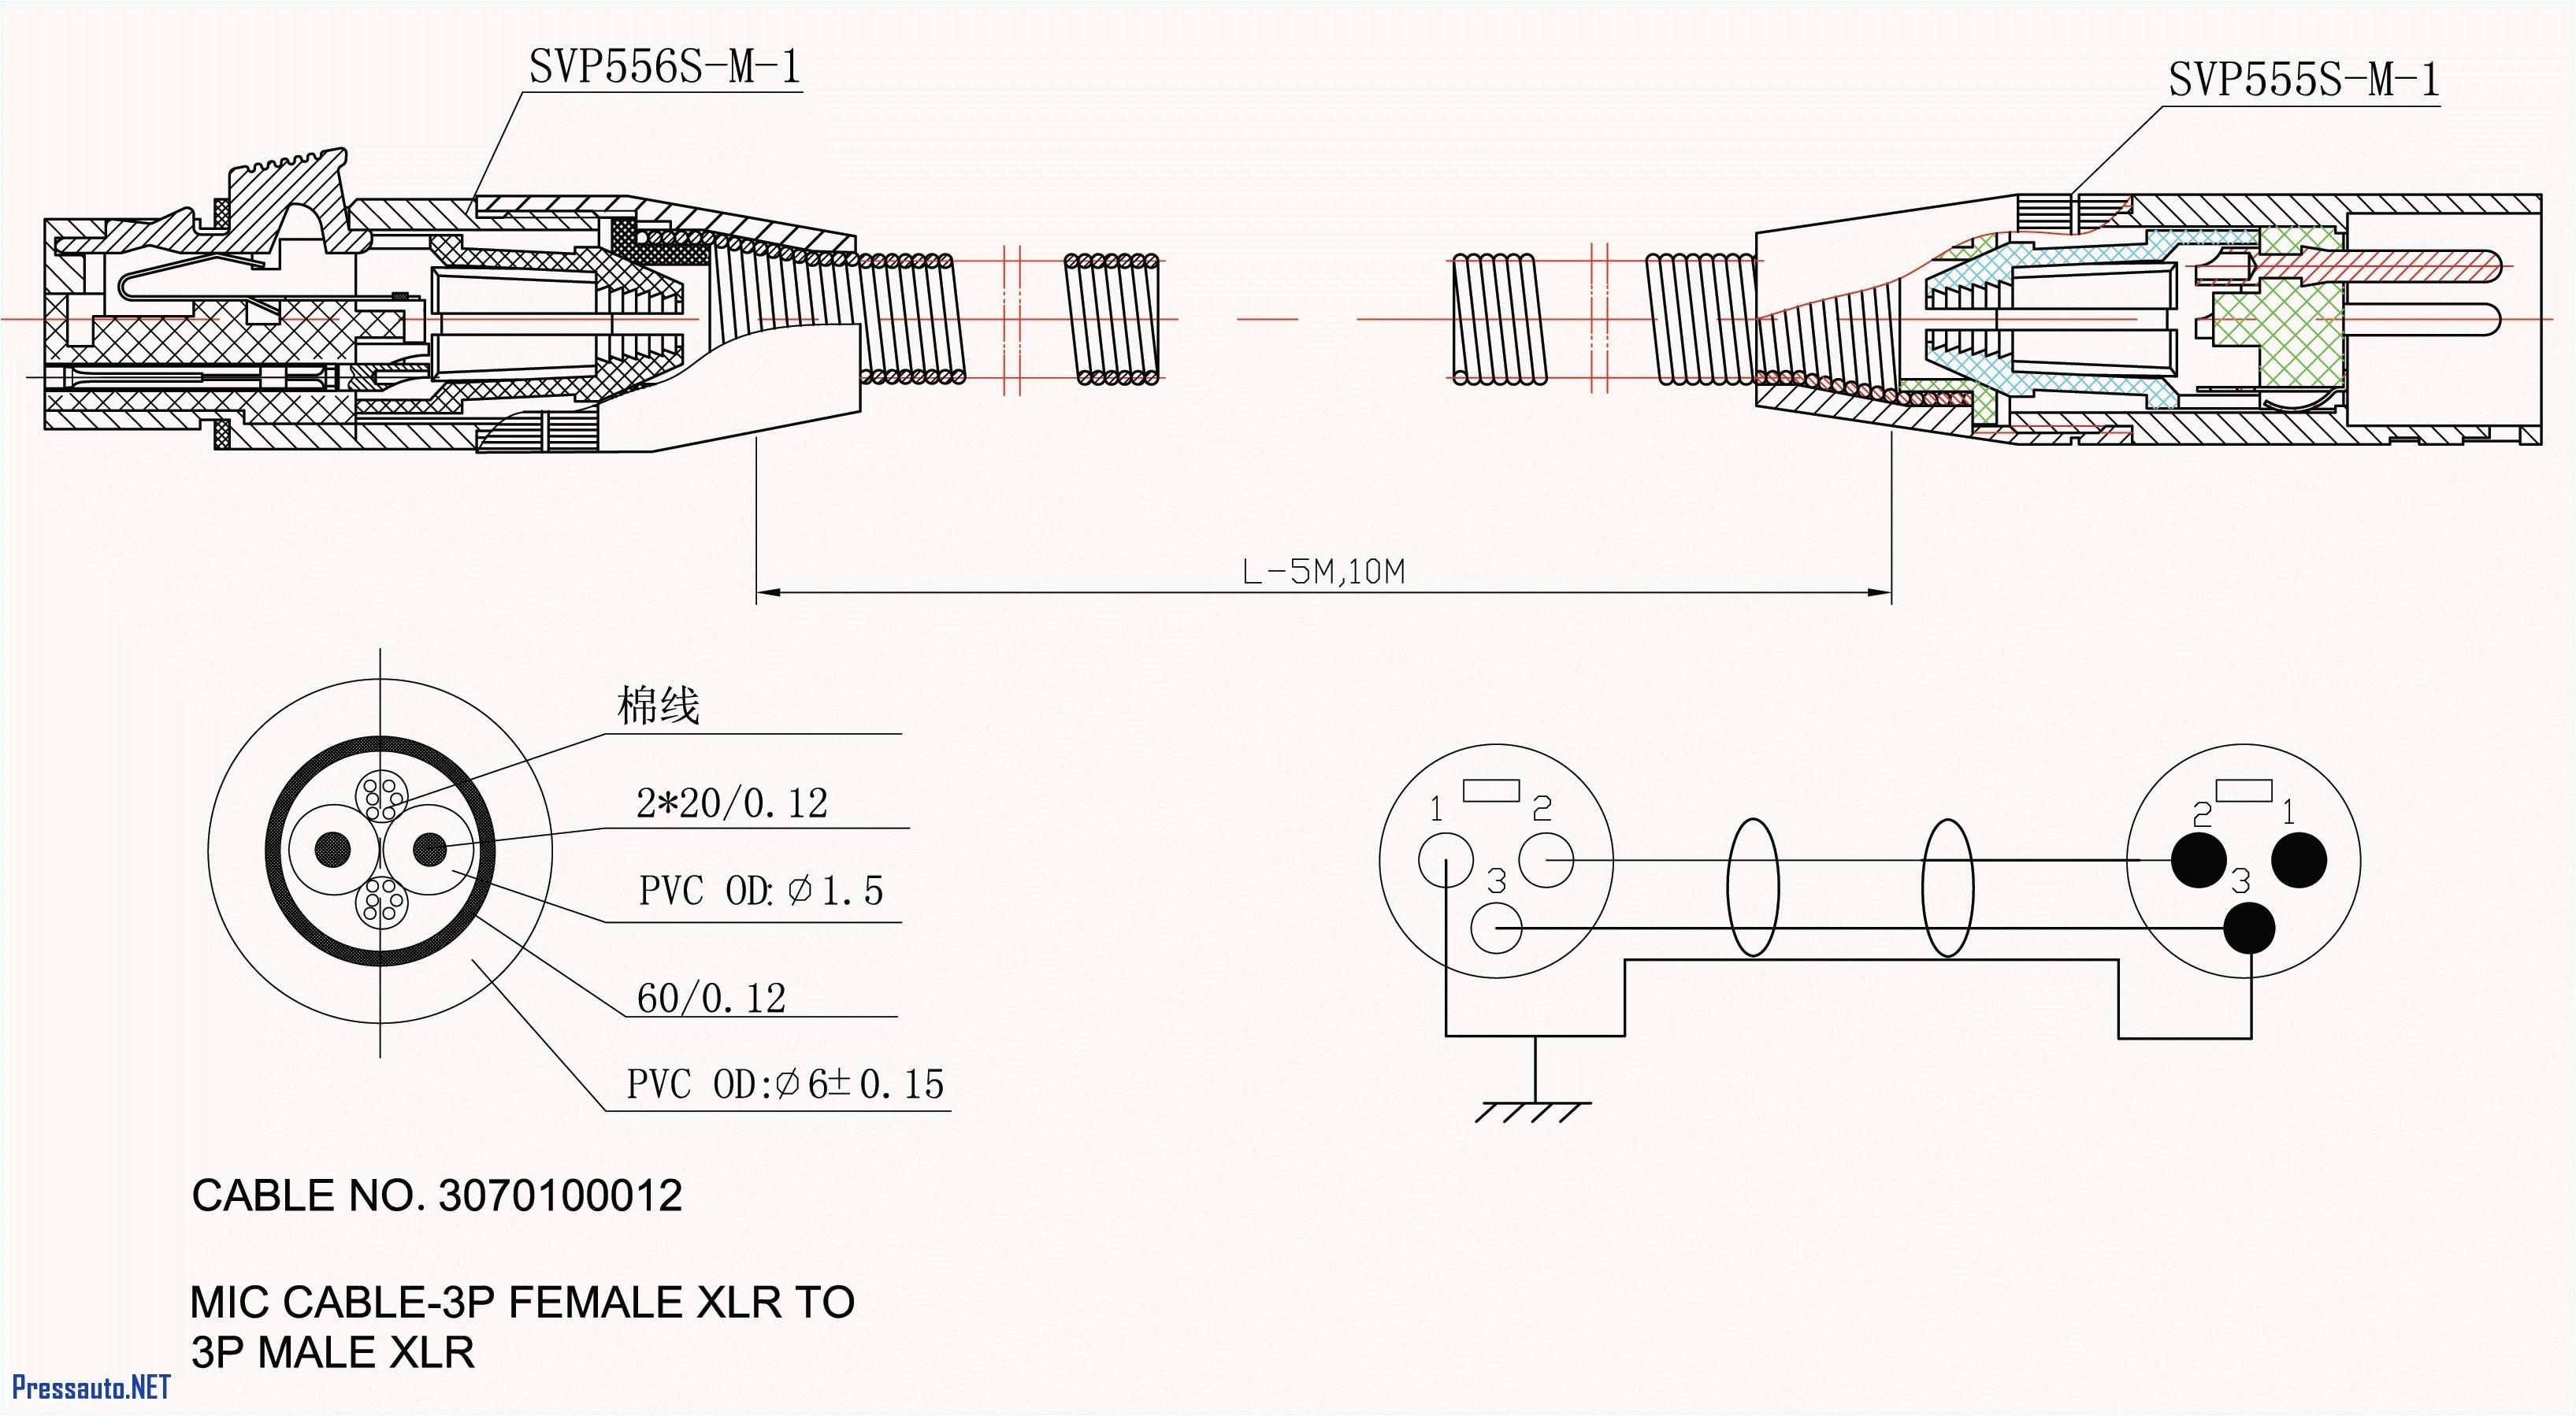 f59 wiring schematic wiring diagram toolbox f59 wiring schematic